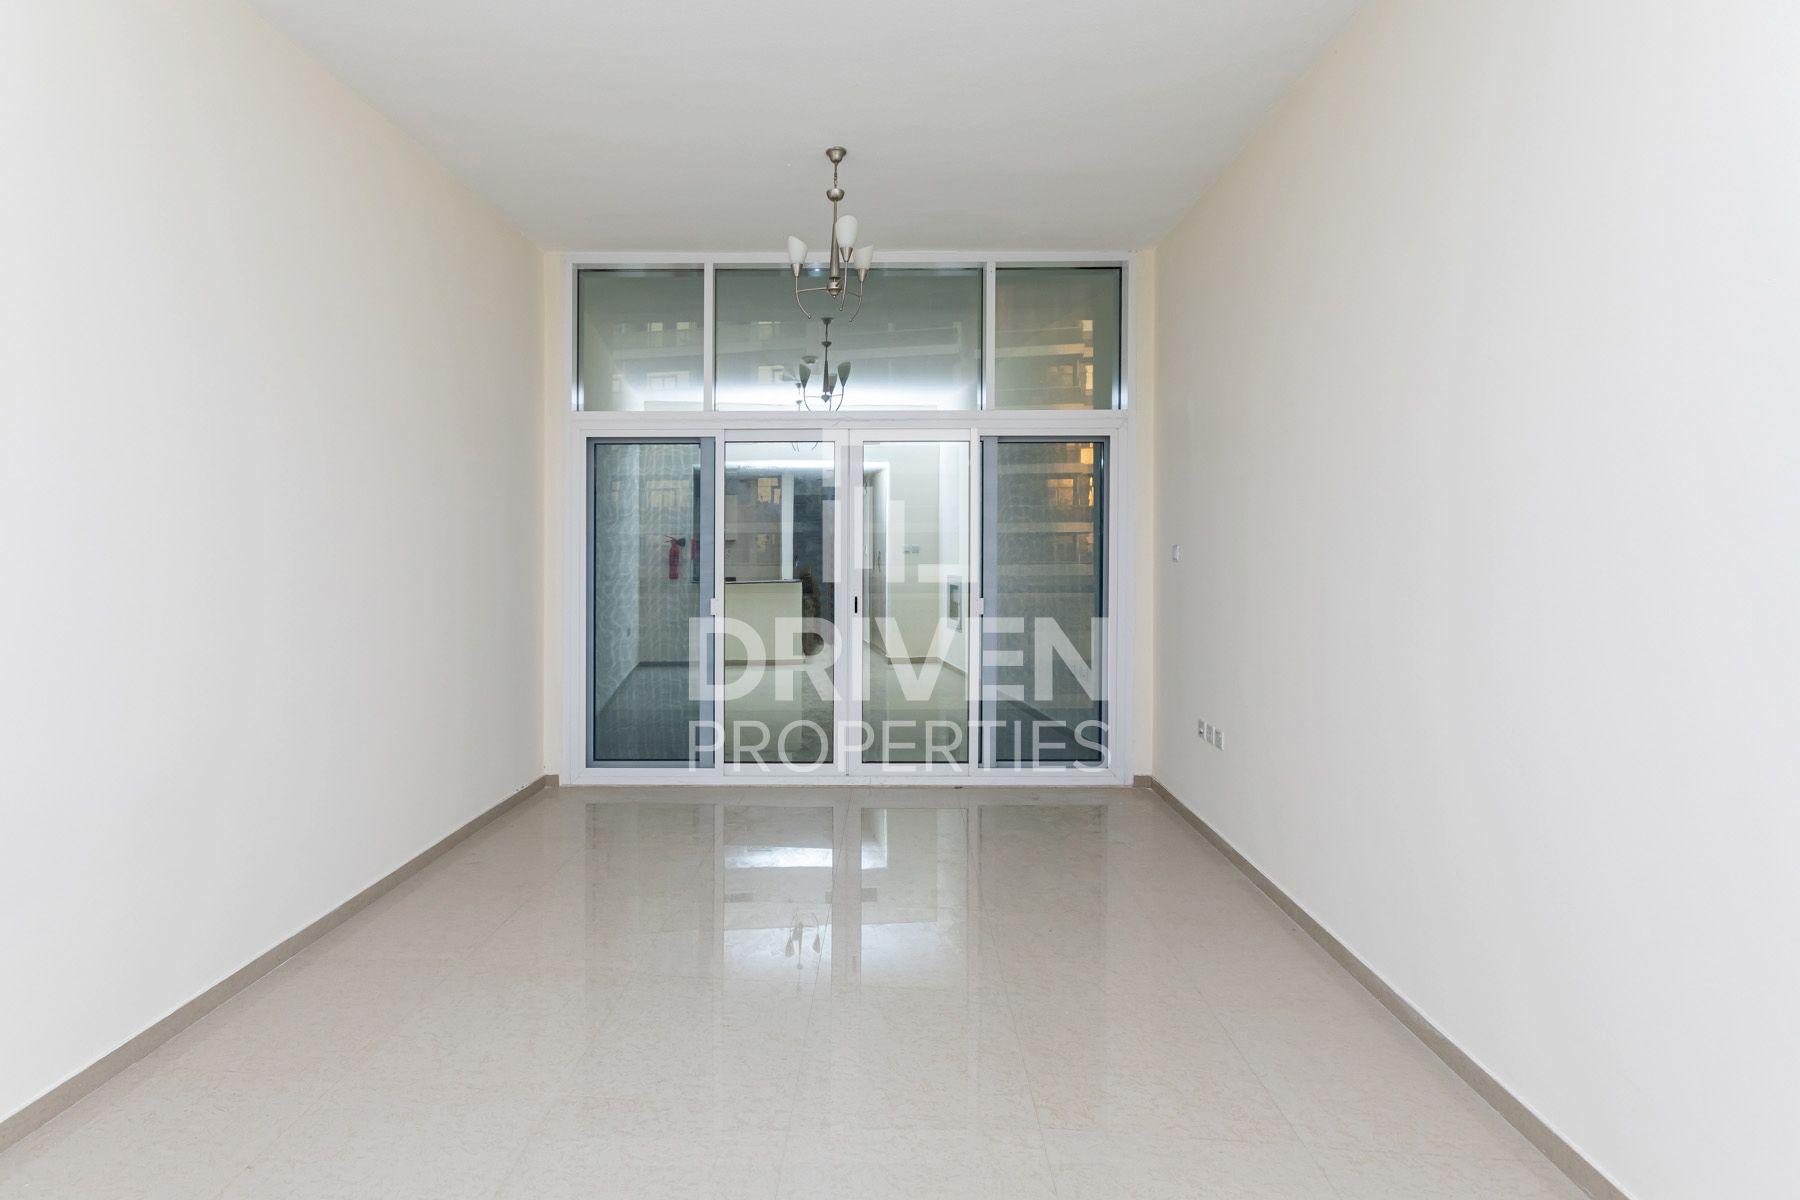 410 قدم مربع  ستوديو - للايجار - مدينة دبي الرياضية